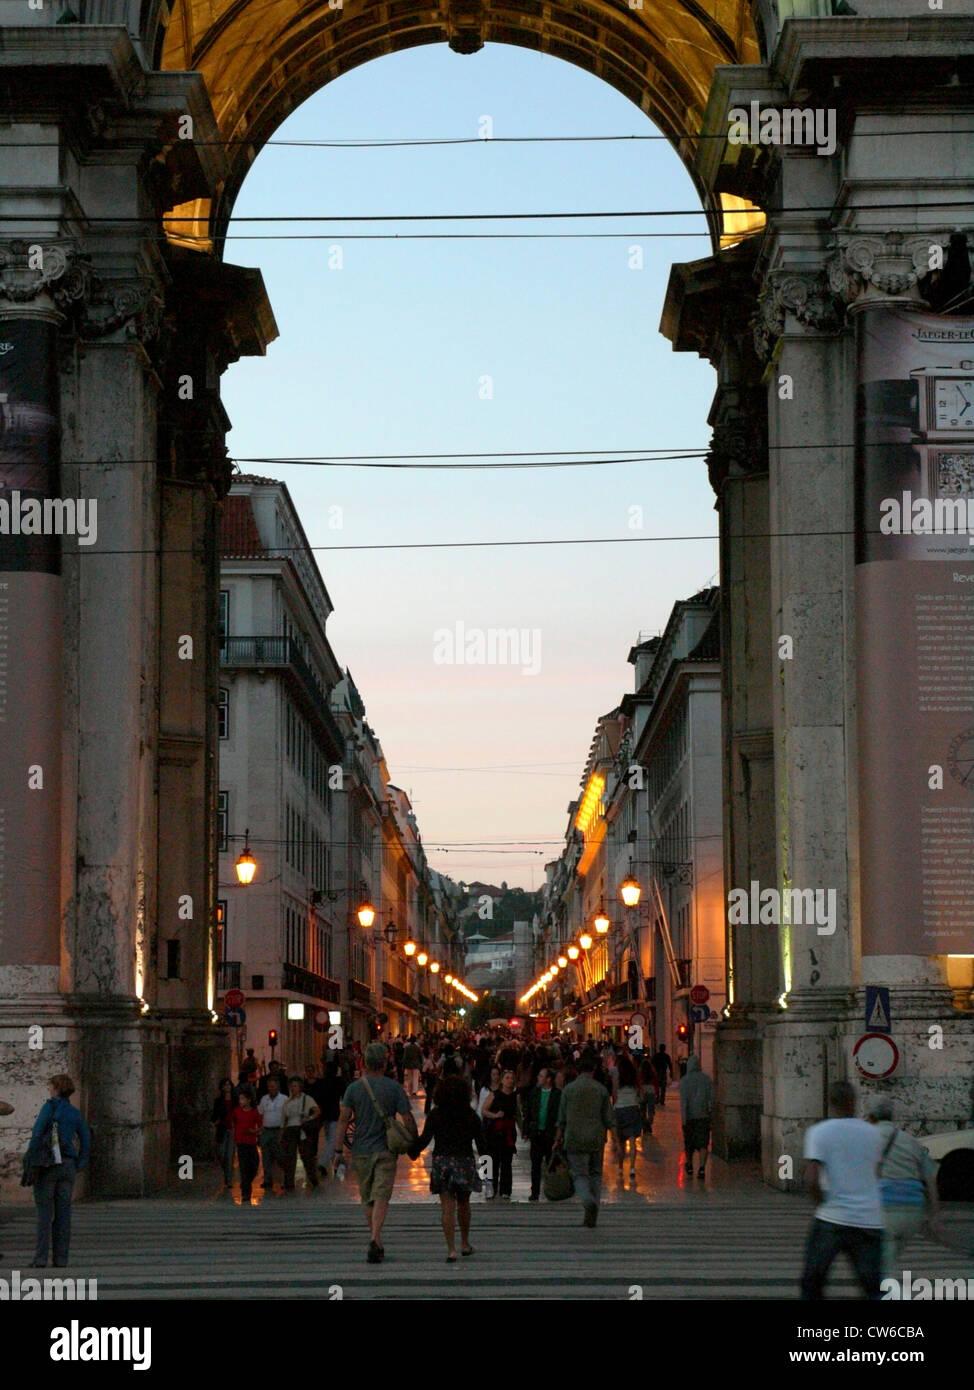 Pra�a do Com�rcio; Platz des Handels; Baixa; Arco da Rua Augusta, Portugal, Lisbon - Stock Image